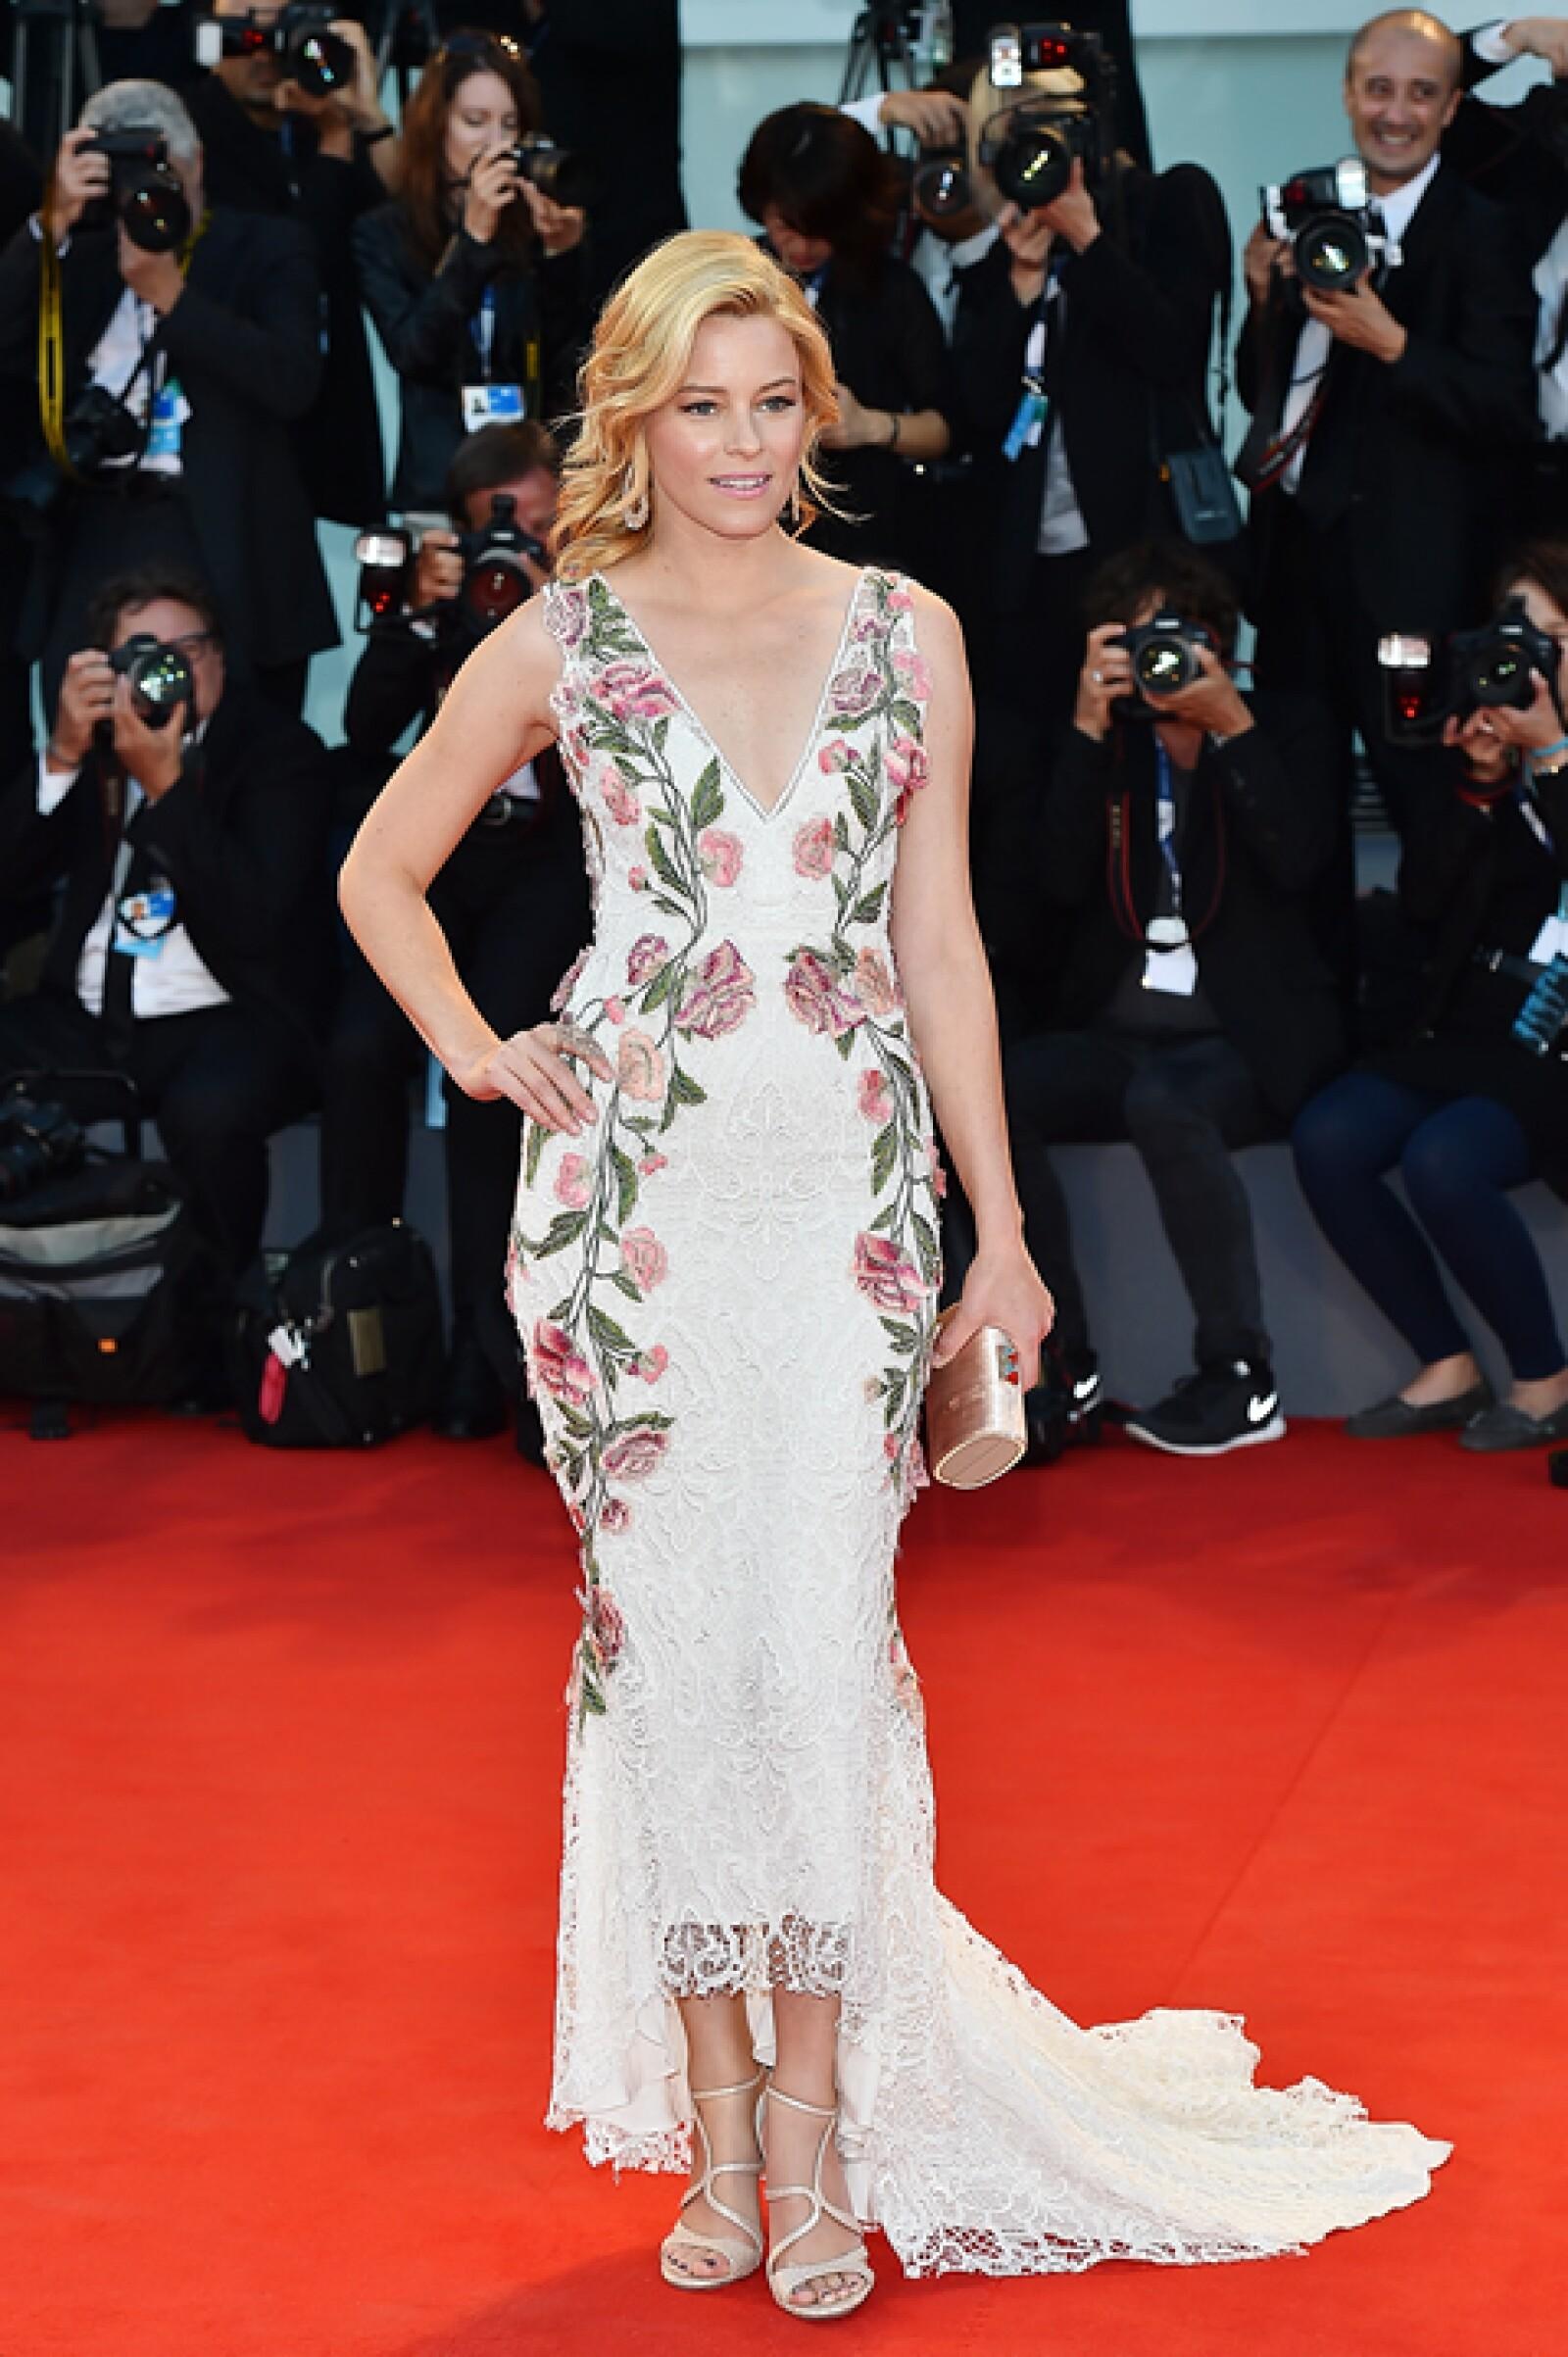 Para la premiere de `A Bigger Splash´, Elizabeth Banks usó un vestido blanco con aplicaciones de flores y tejidos de Marchesa.